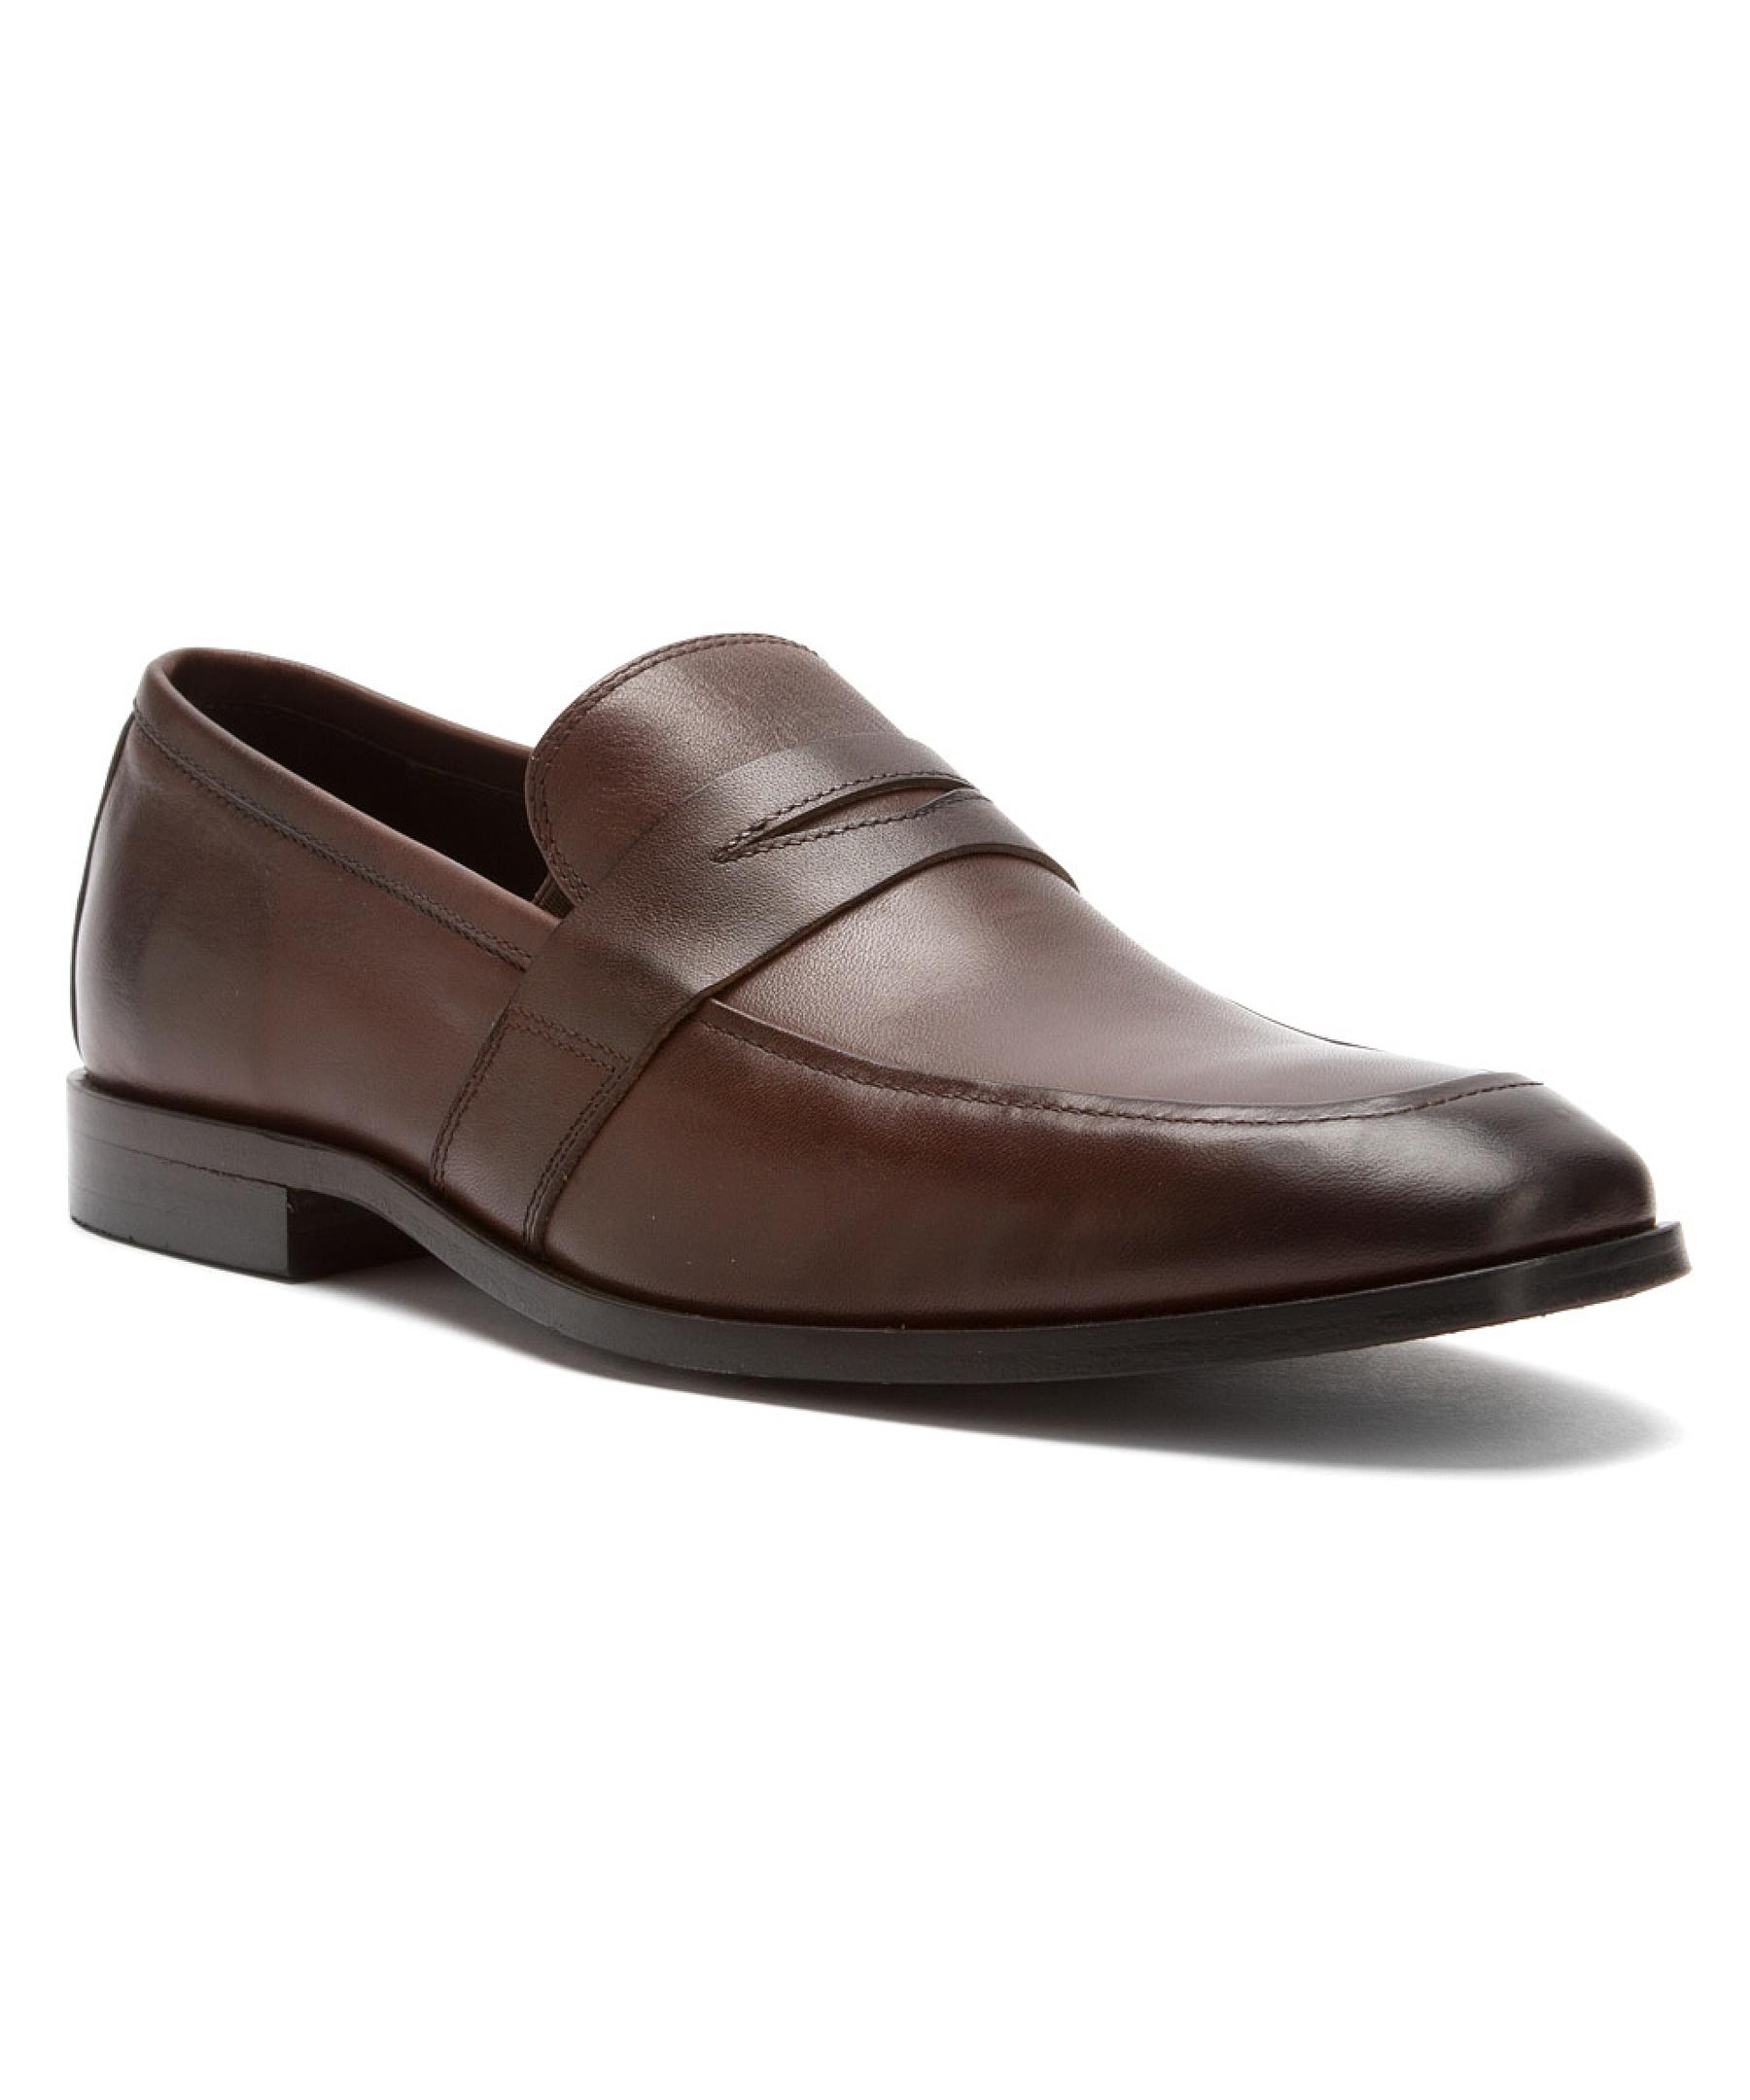 Florsheim Brown Mens Jet Penny Loafer Moc Loafers